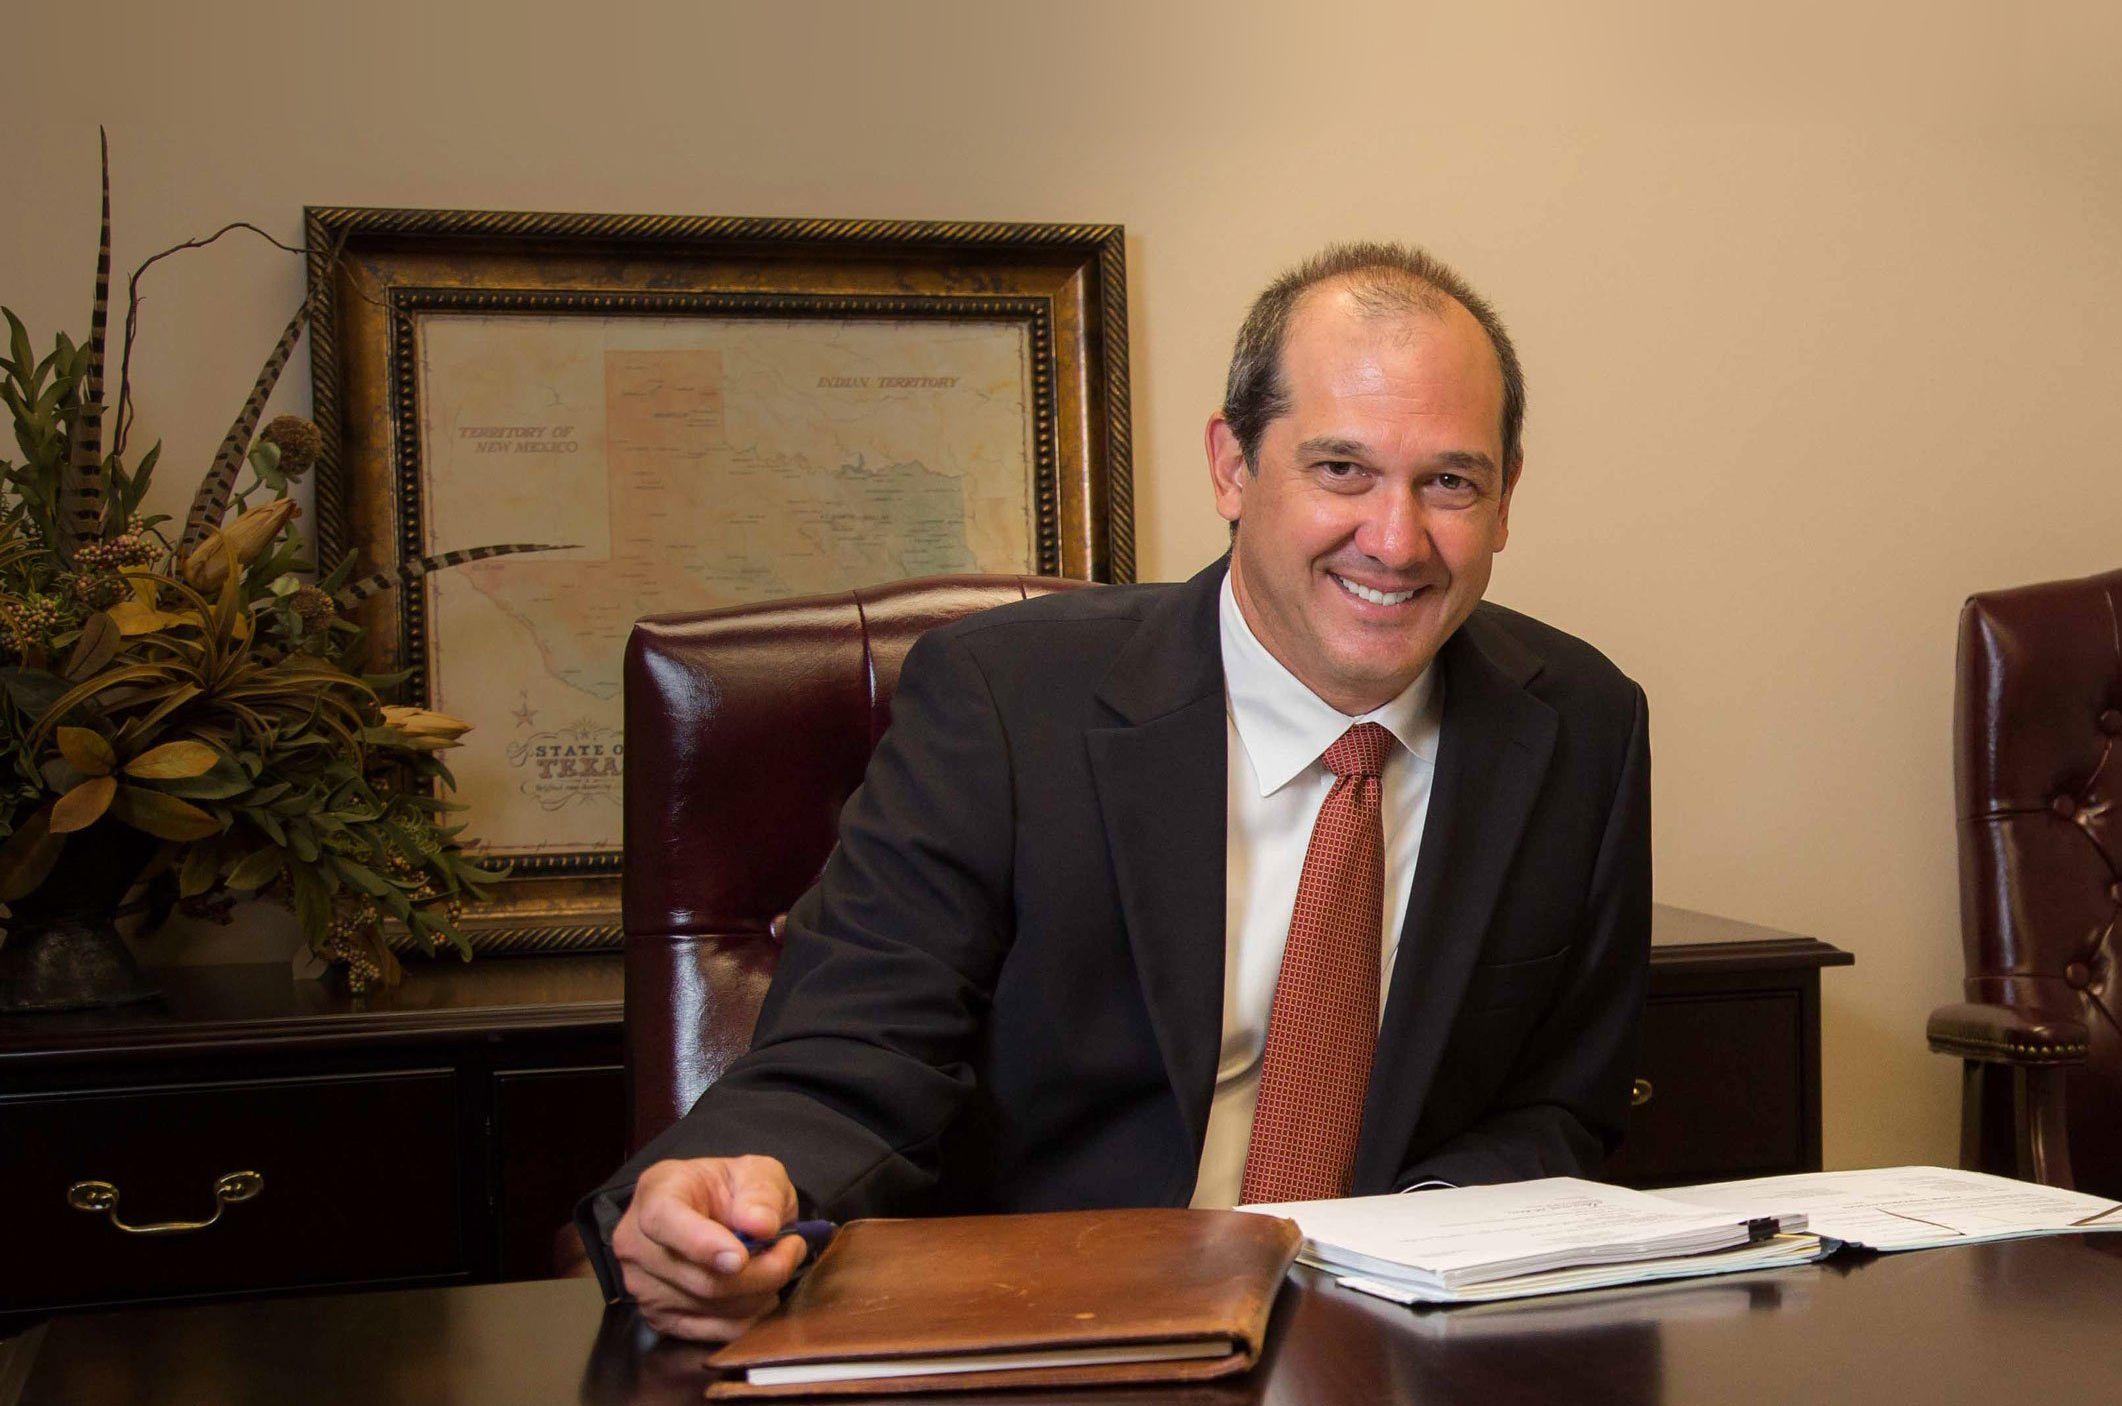 Shane R. Kadlec